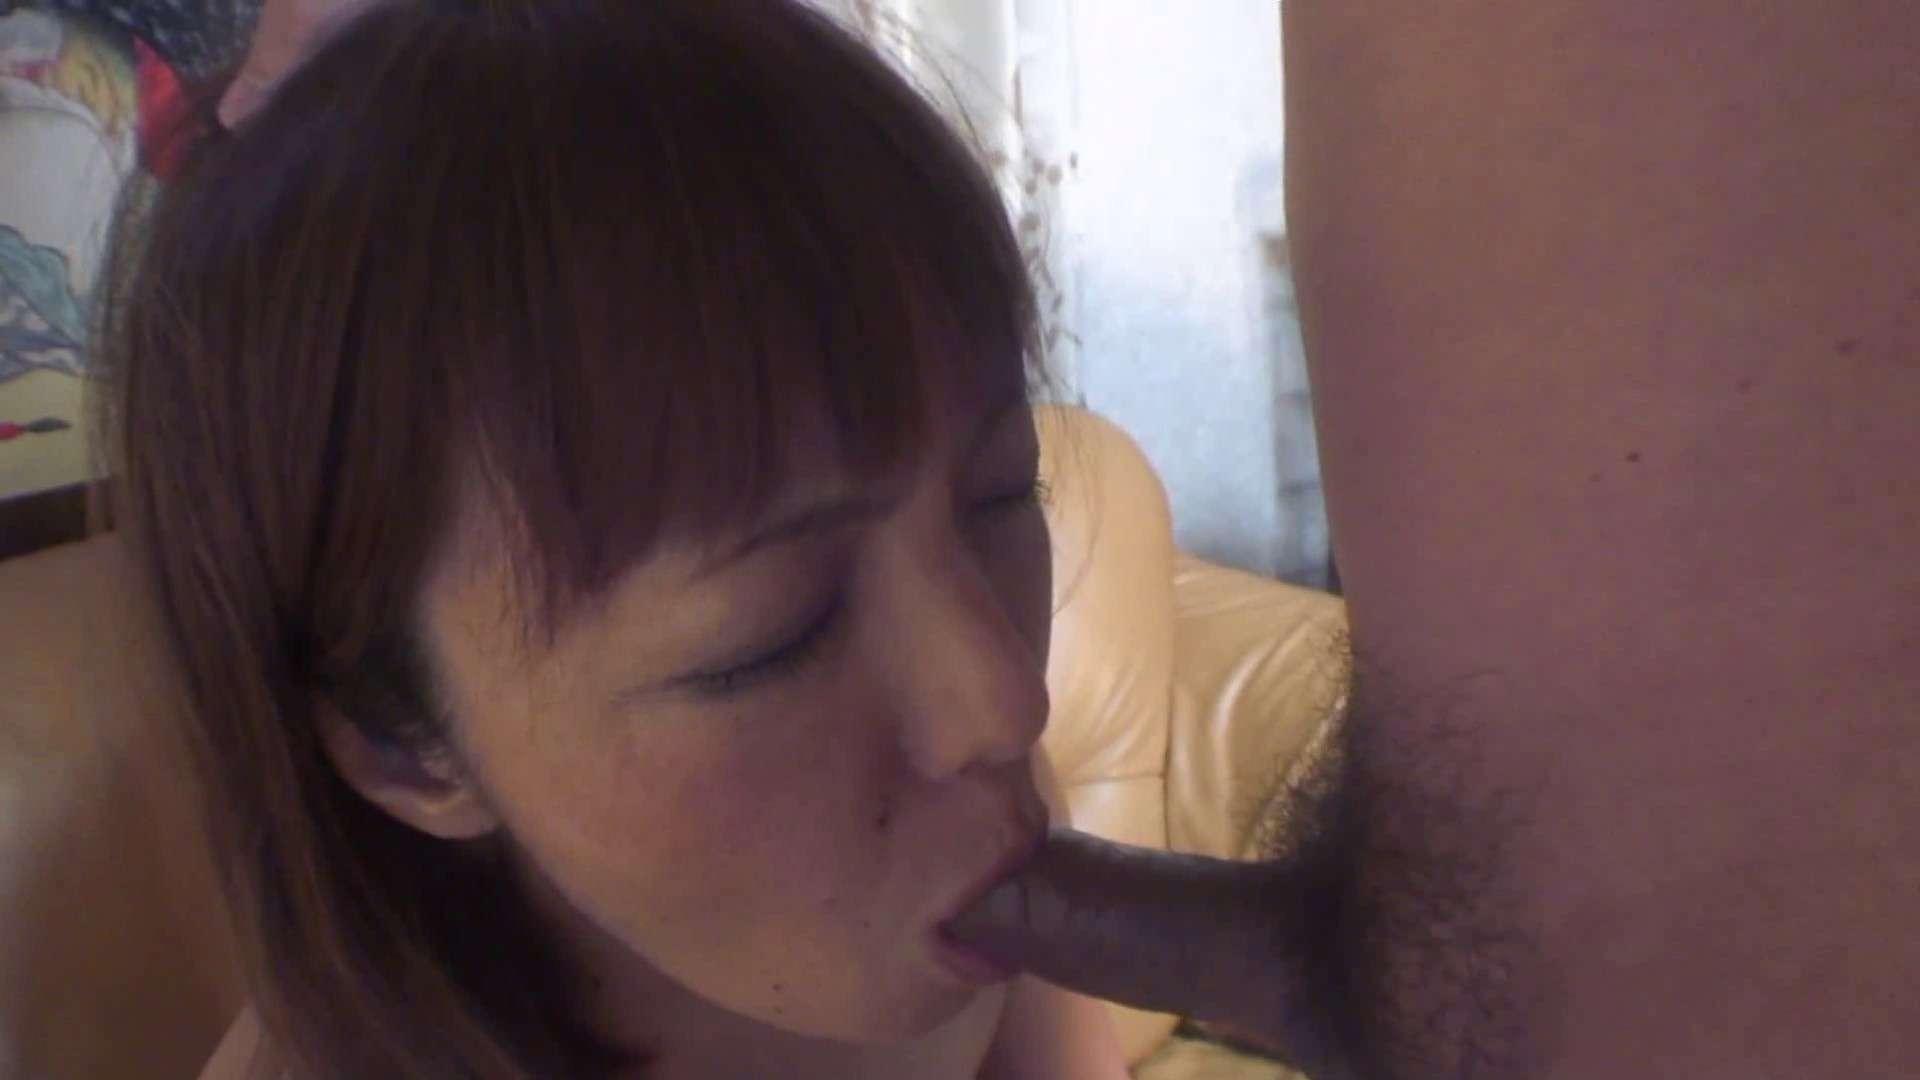 鬼才沖本監督 脱肛に悶絶する女 終章 アナル AV無料動画キャプチャ 77枚 17